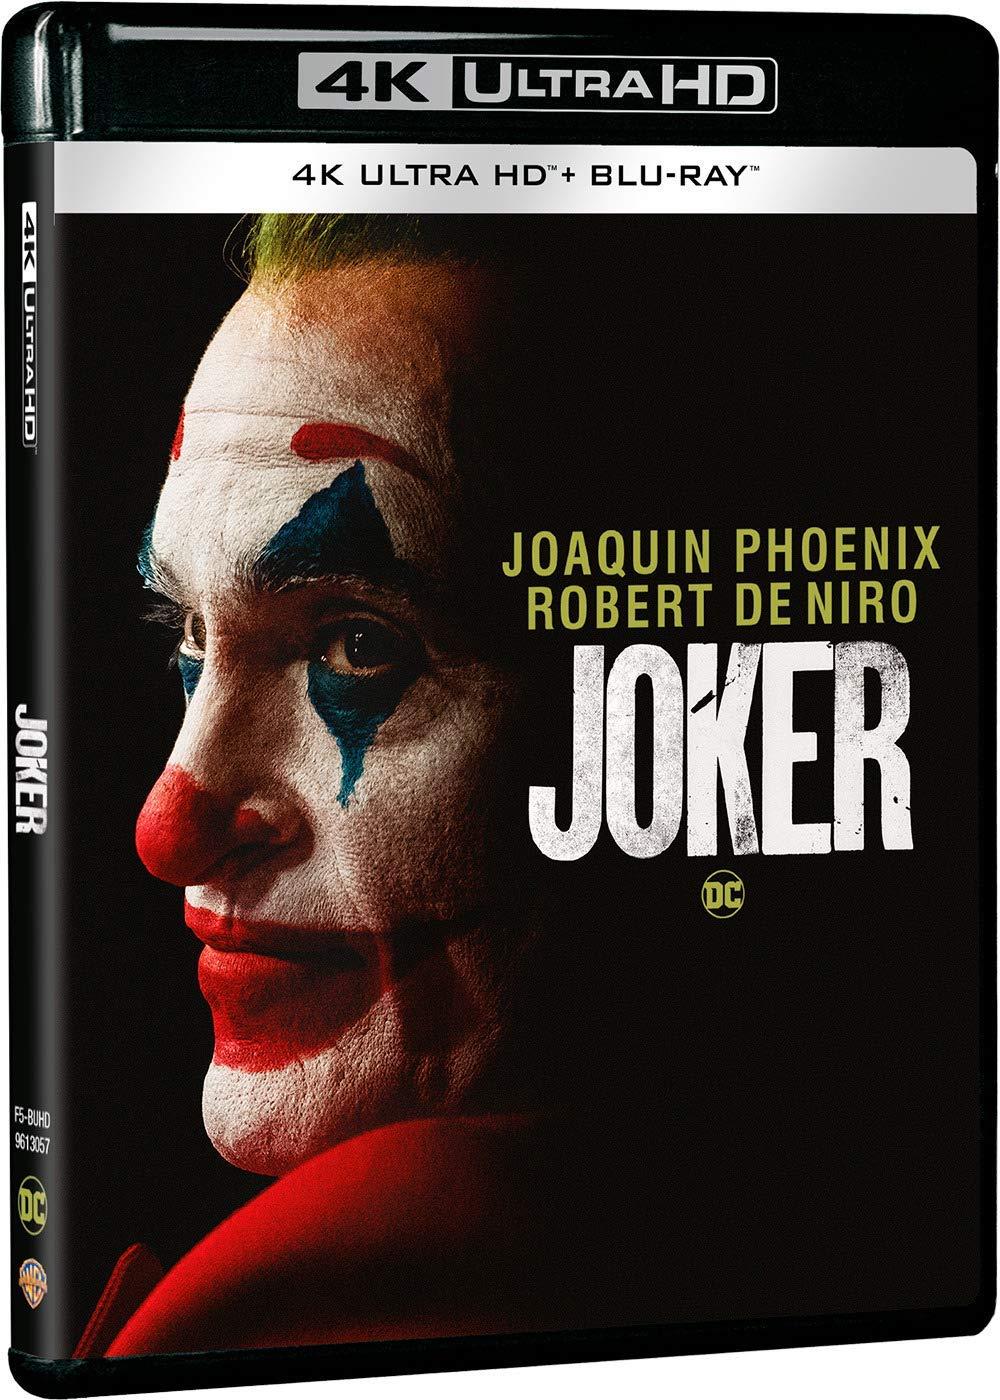 Pack Ganadoras de Oscar - Incluye: El Renacido + La Forma del Agua + Ha Nacido Una Estrella + Bohemian Rhapsody + Joker 4k UHD BLU-Ray: Amazon.es: Cine y Series TV